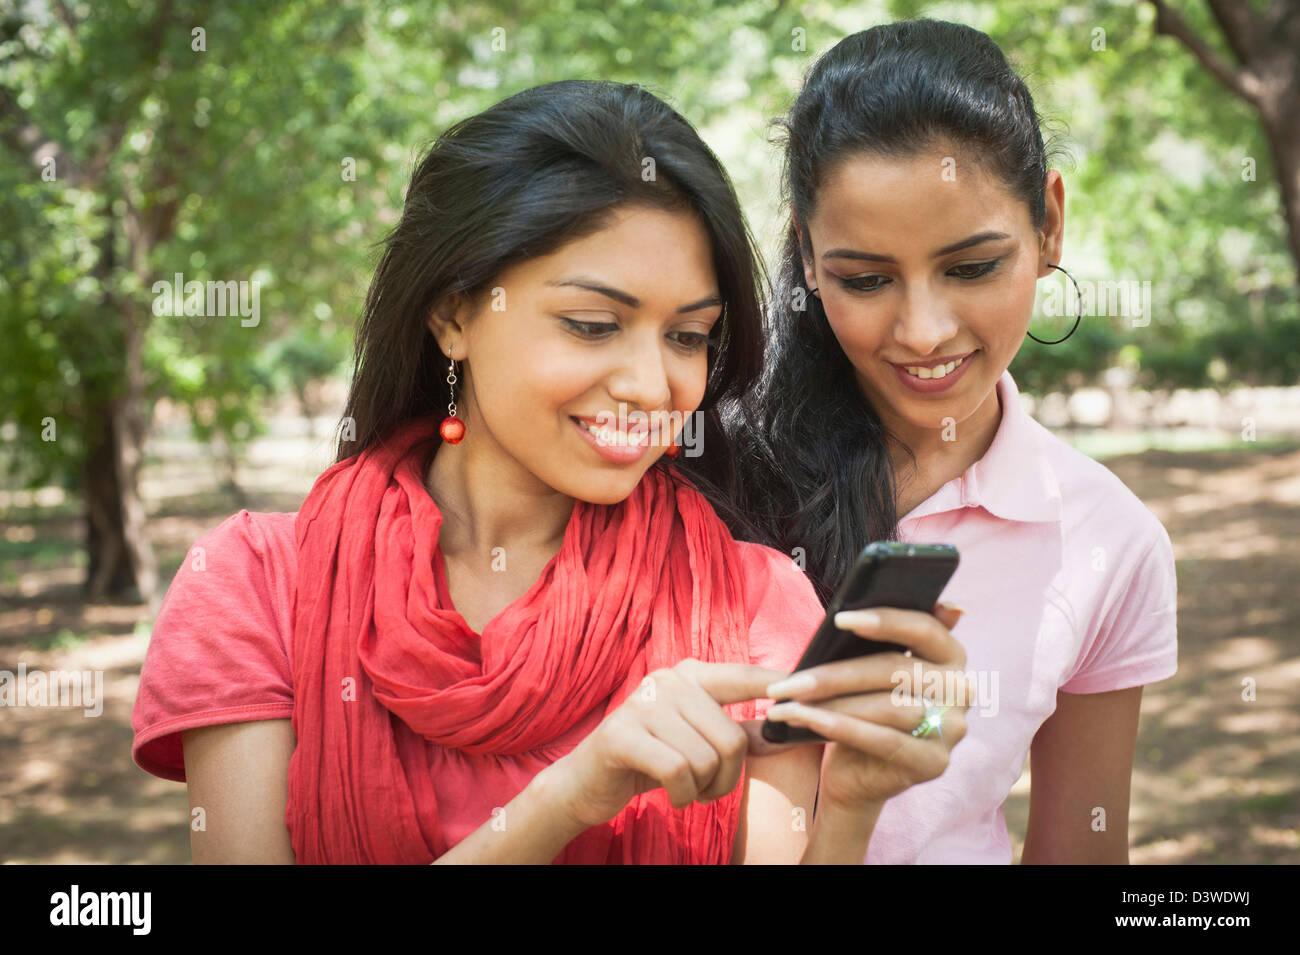 Les amis la messagerie texte sur un téléphone mobile, Lodi Gardens, New Delhi, Delhi, Inde Photo Stock